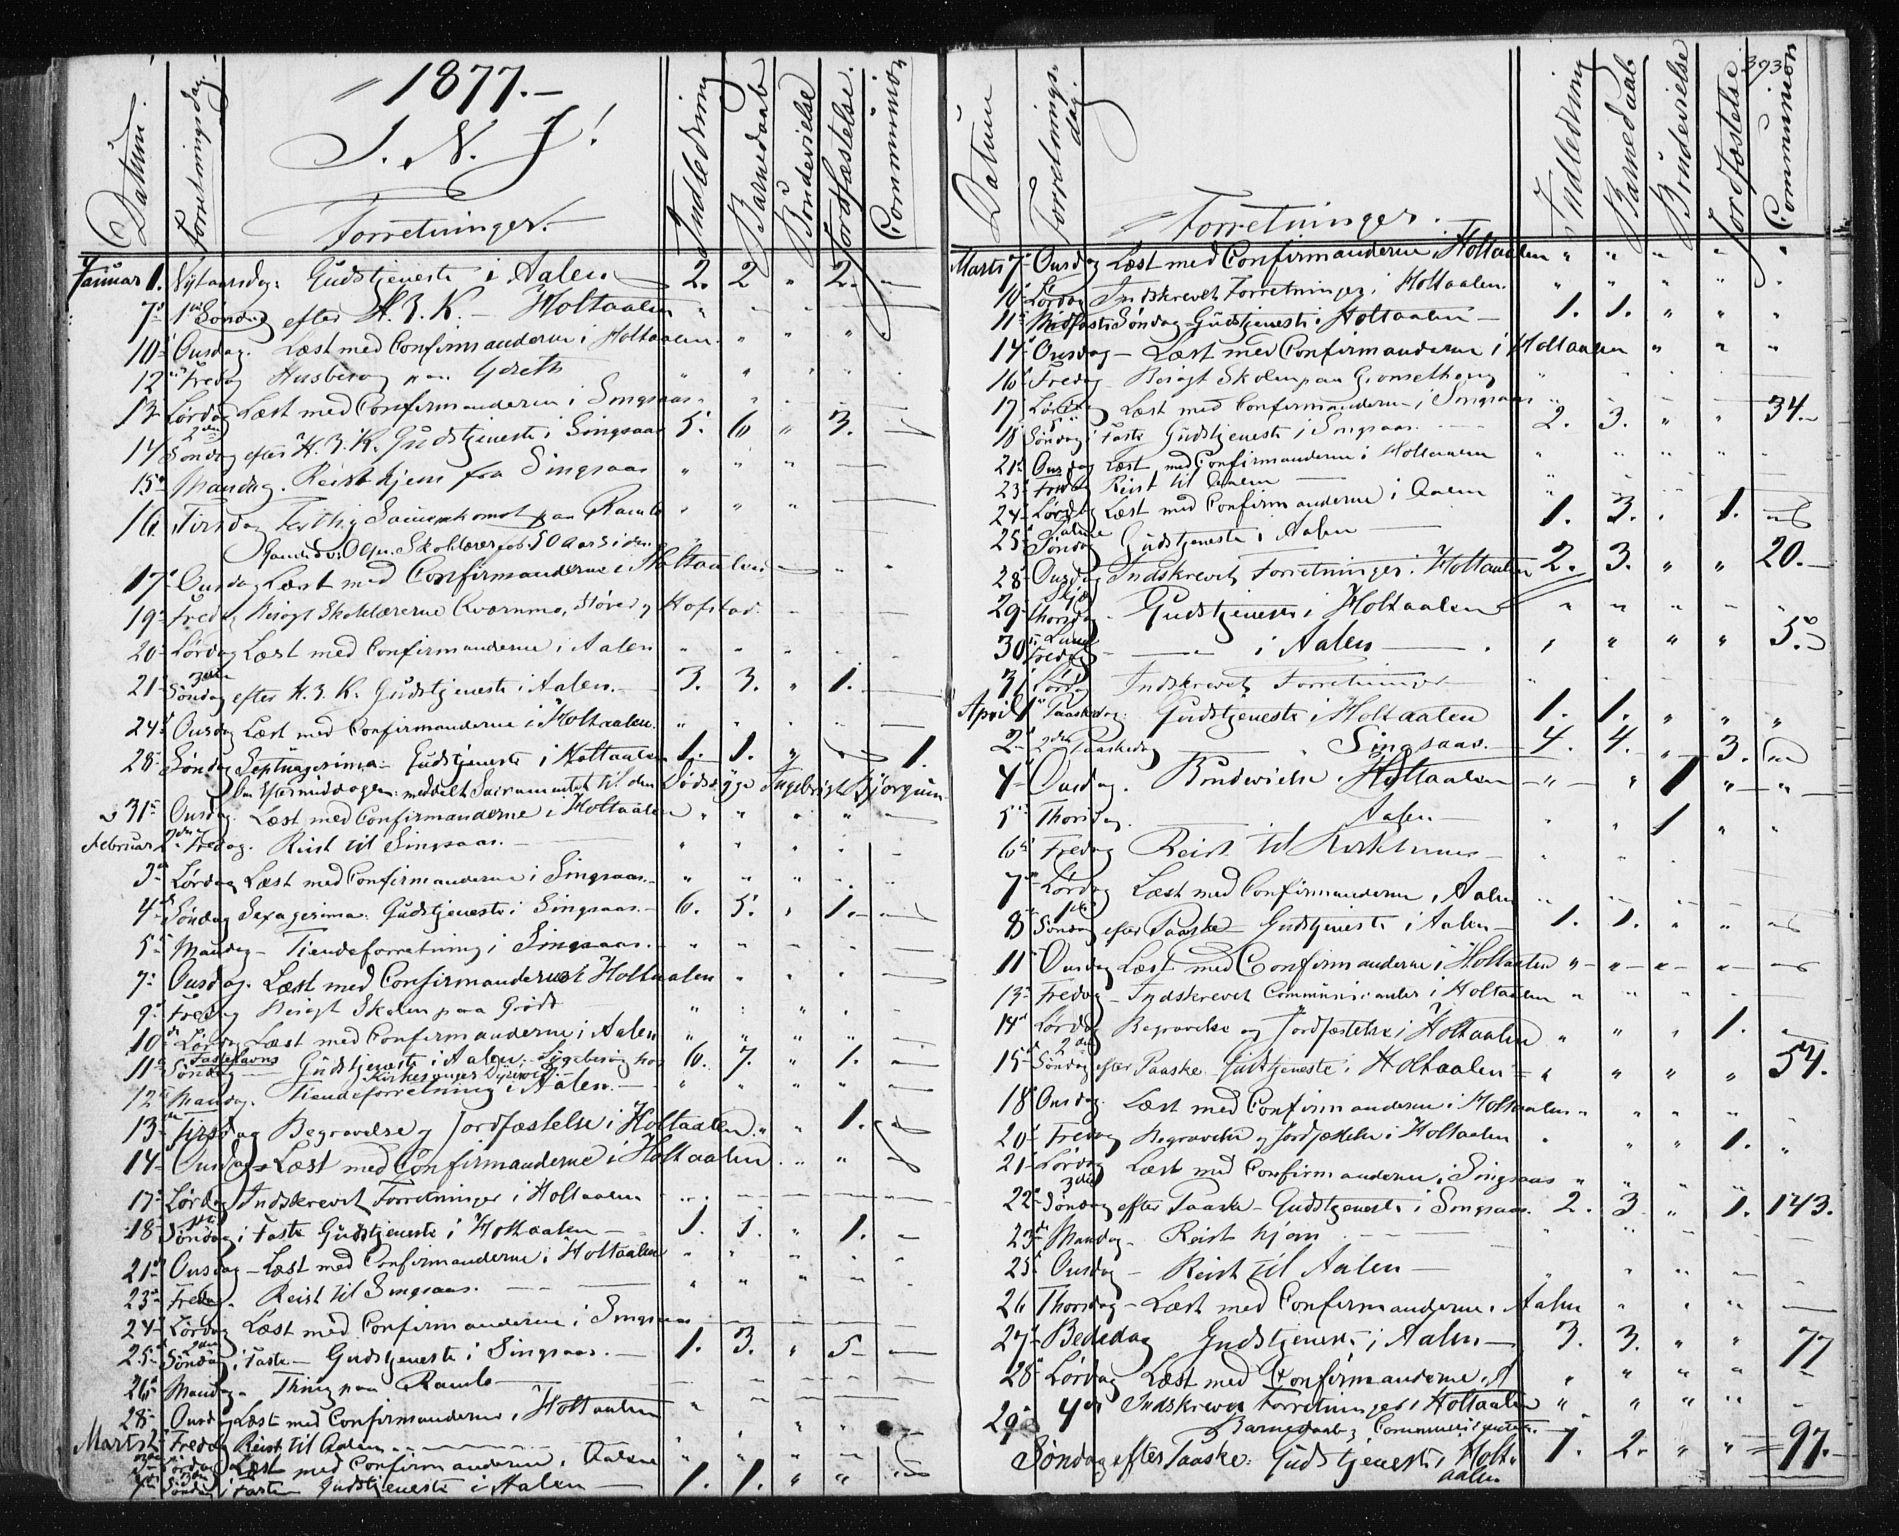 SAT, Ministerialprotokoller, klokkerbøker og fødselsregistre - Sør-Trøndelag, 685/L0969: Ministerialbok nr. 685A08 /1, 1870-1878, s. 393